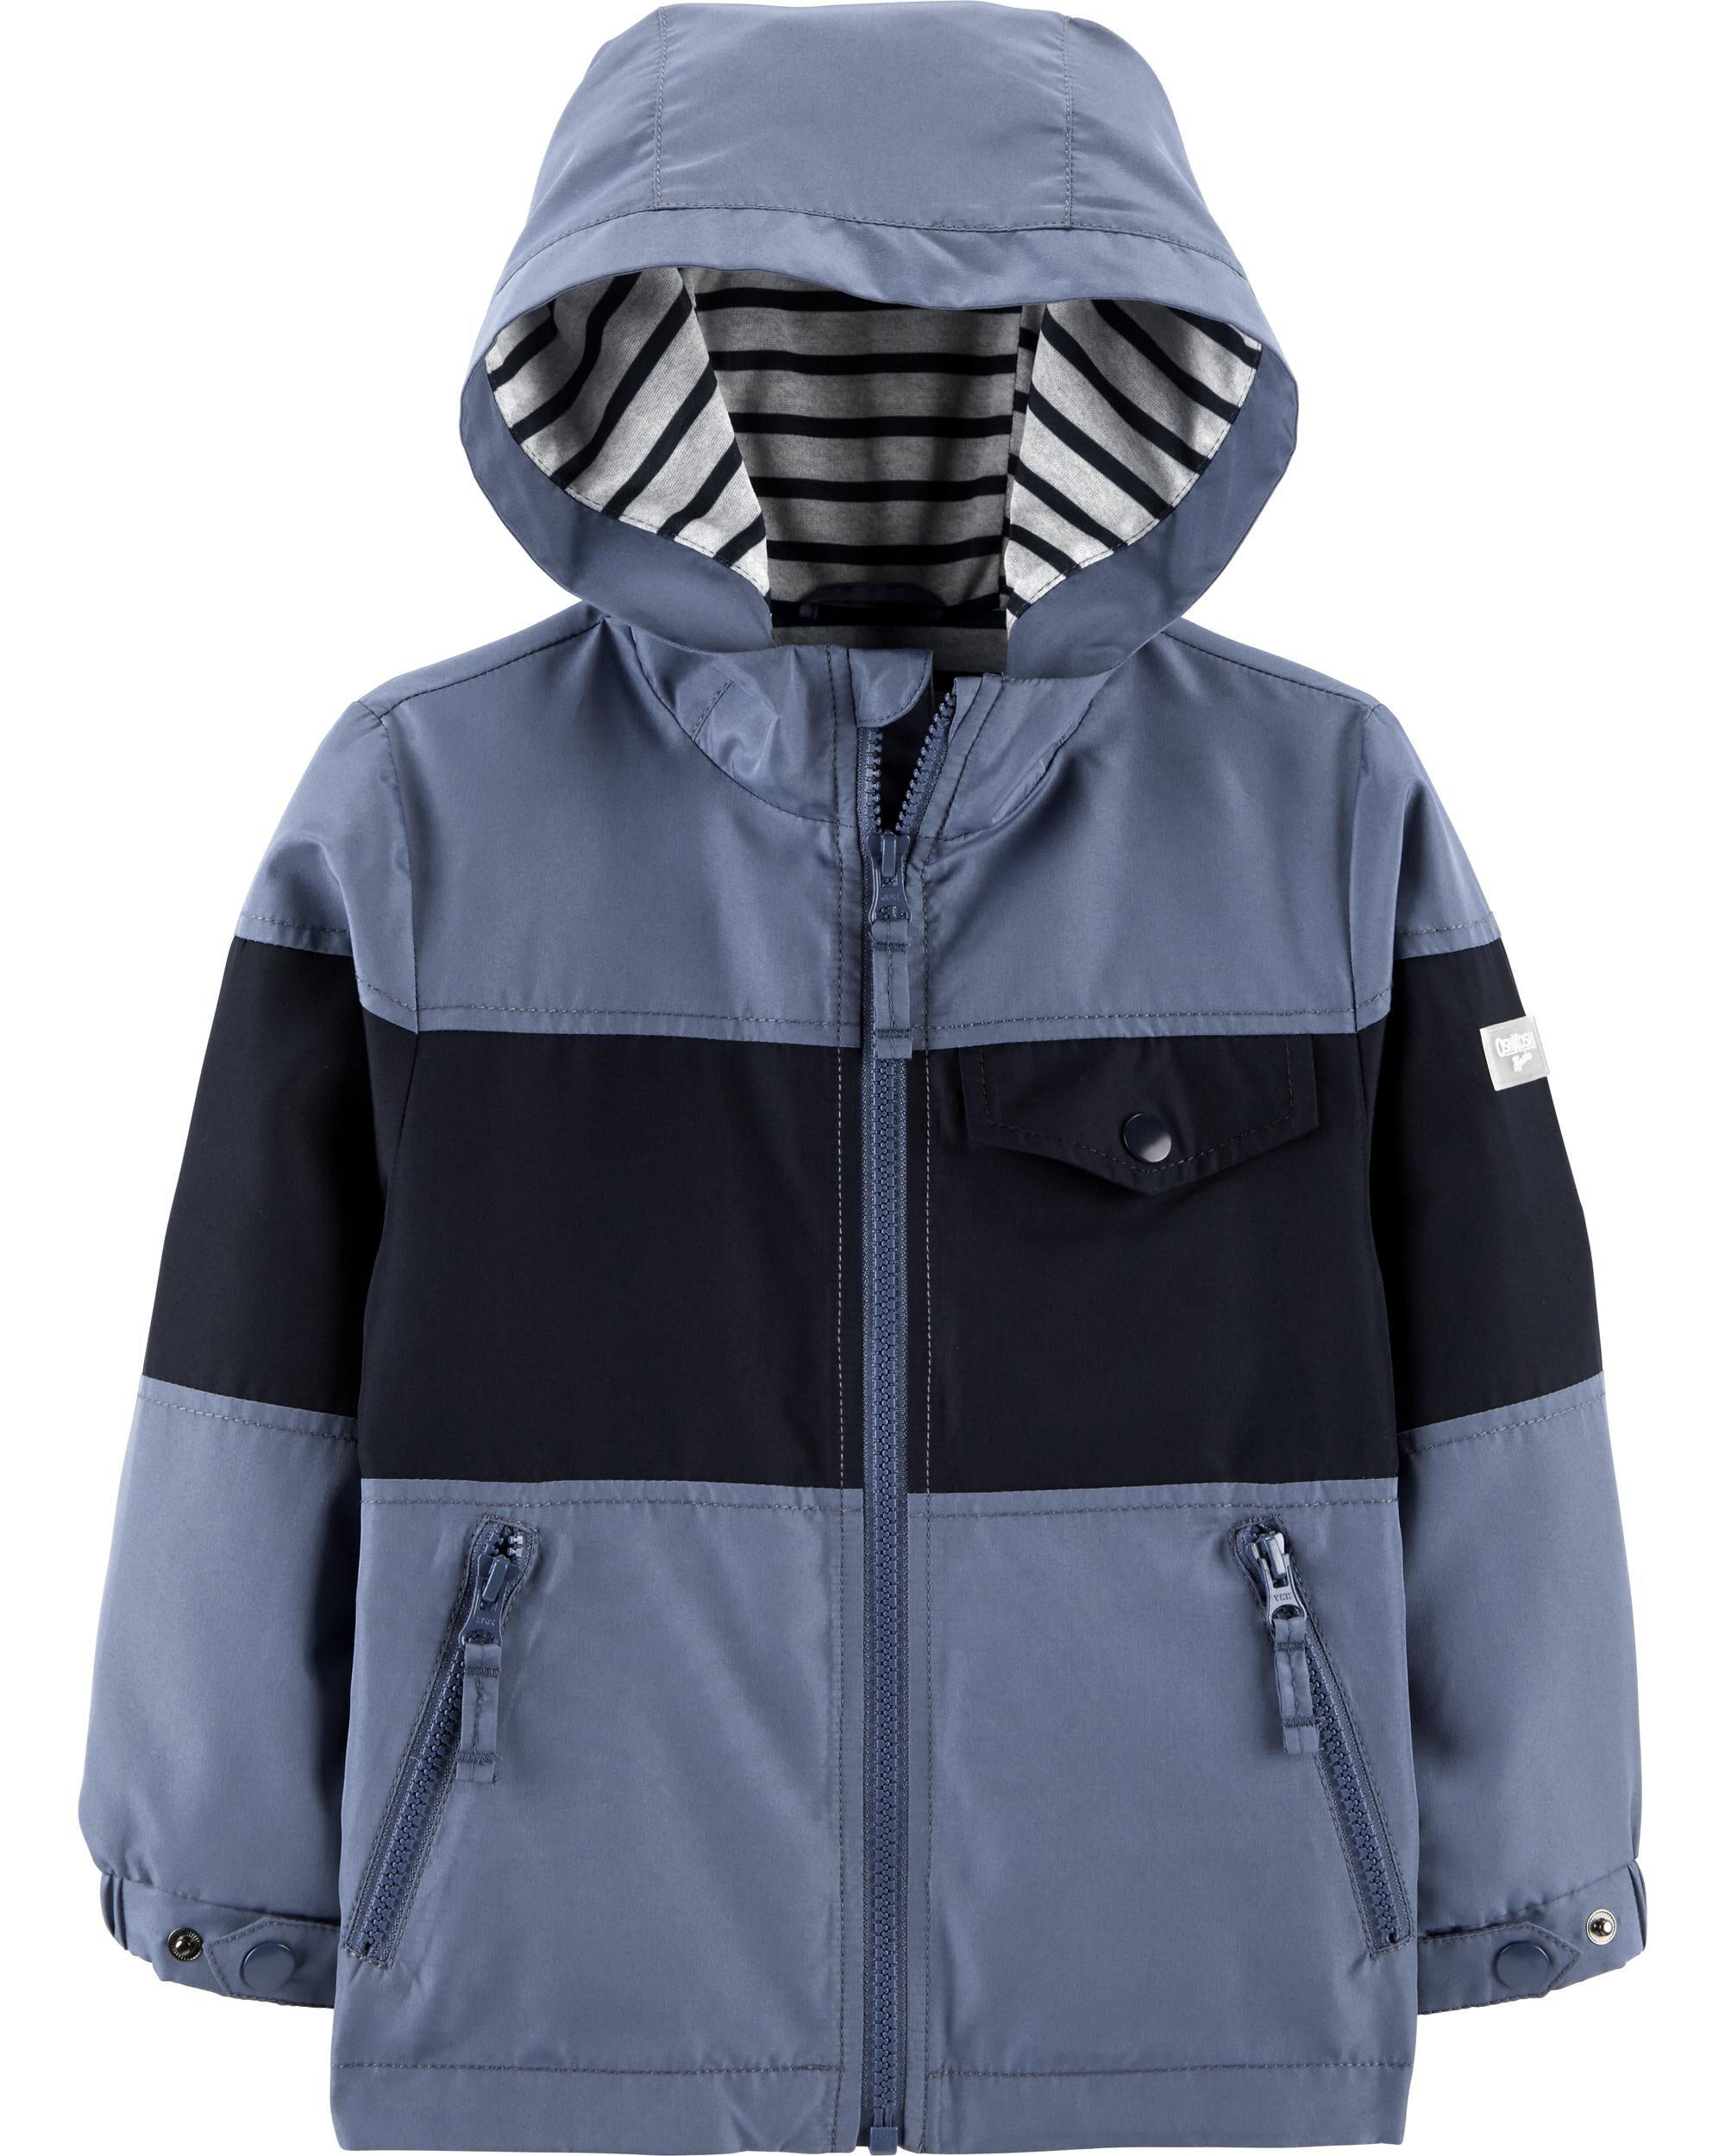 All-Purpose Jacket Toddler Boy Coats \u0026 Jackets | OshKosh Free Shipping